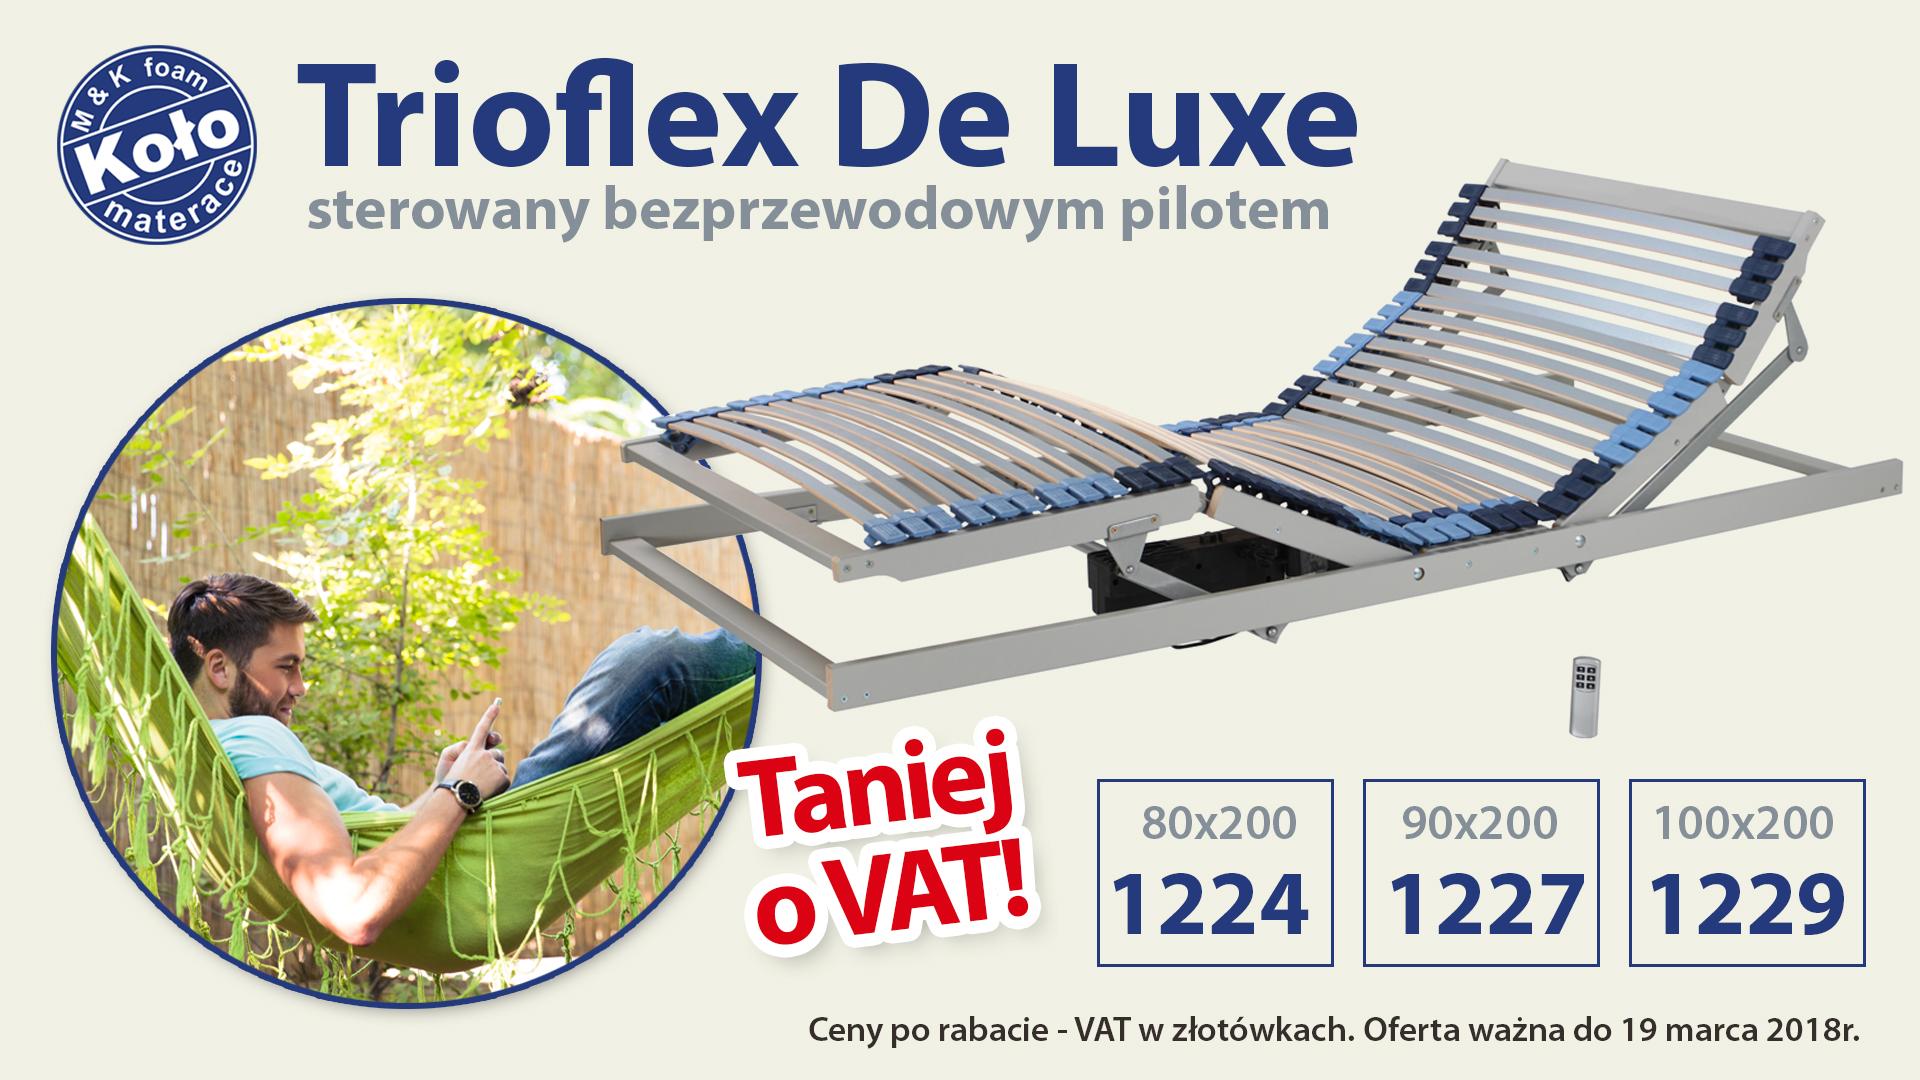 Stelaż Trioflex De Luxe Pilot Bezprzewodowy